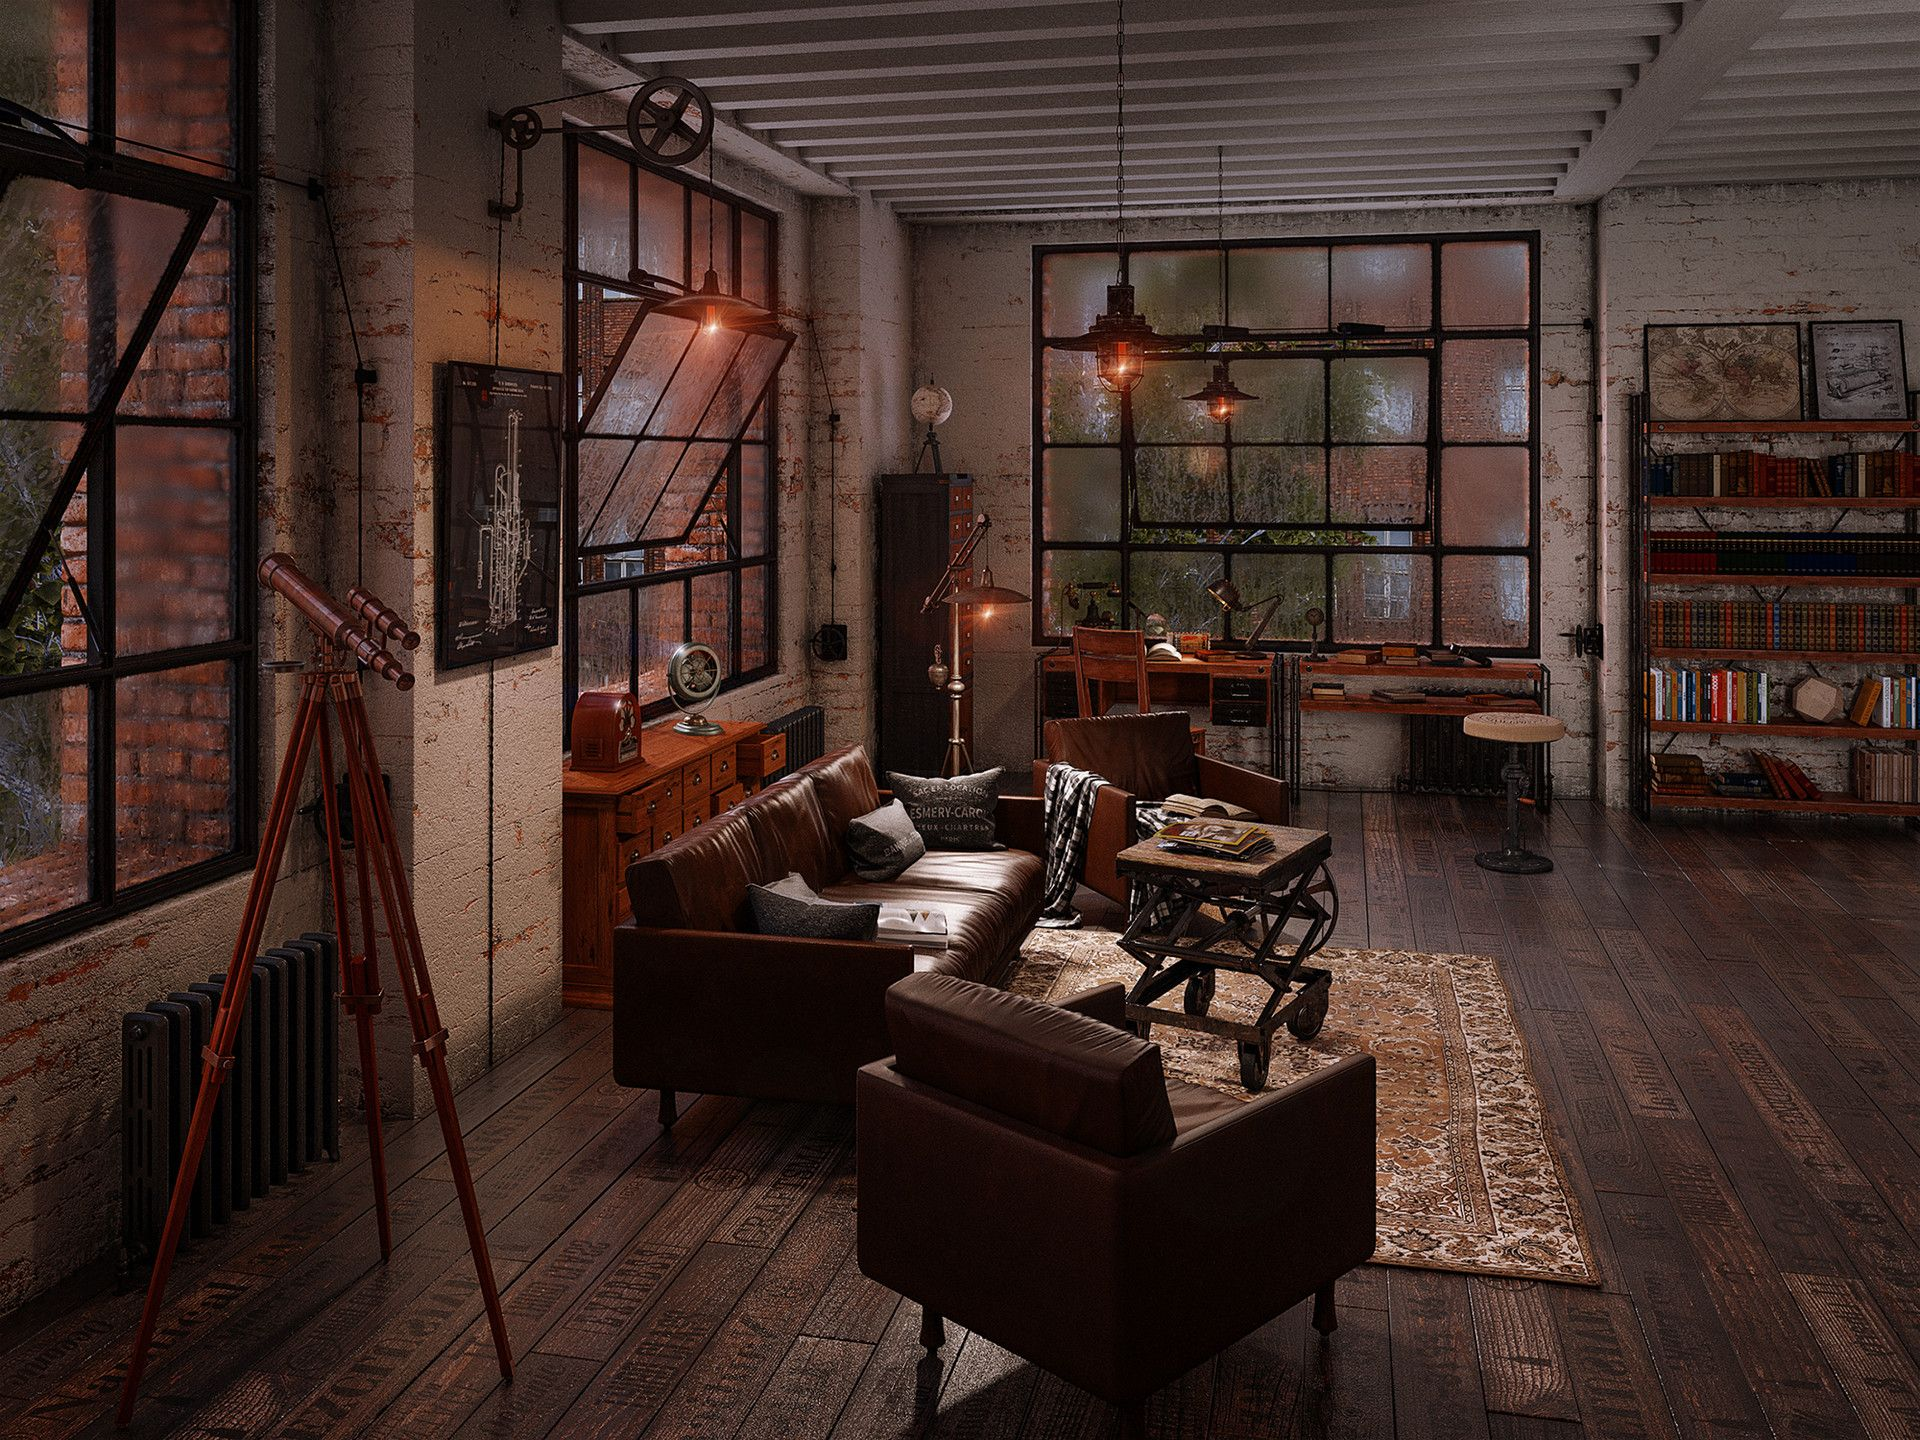 ArtStation - Industrial loft, Igor Pasechnik